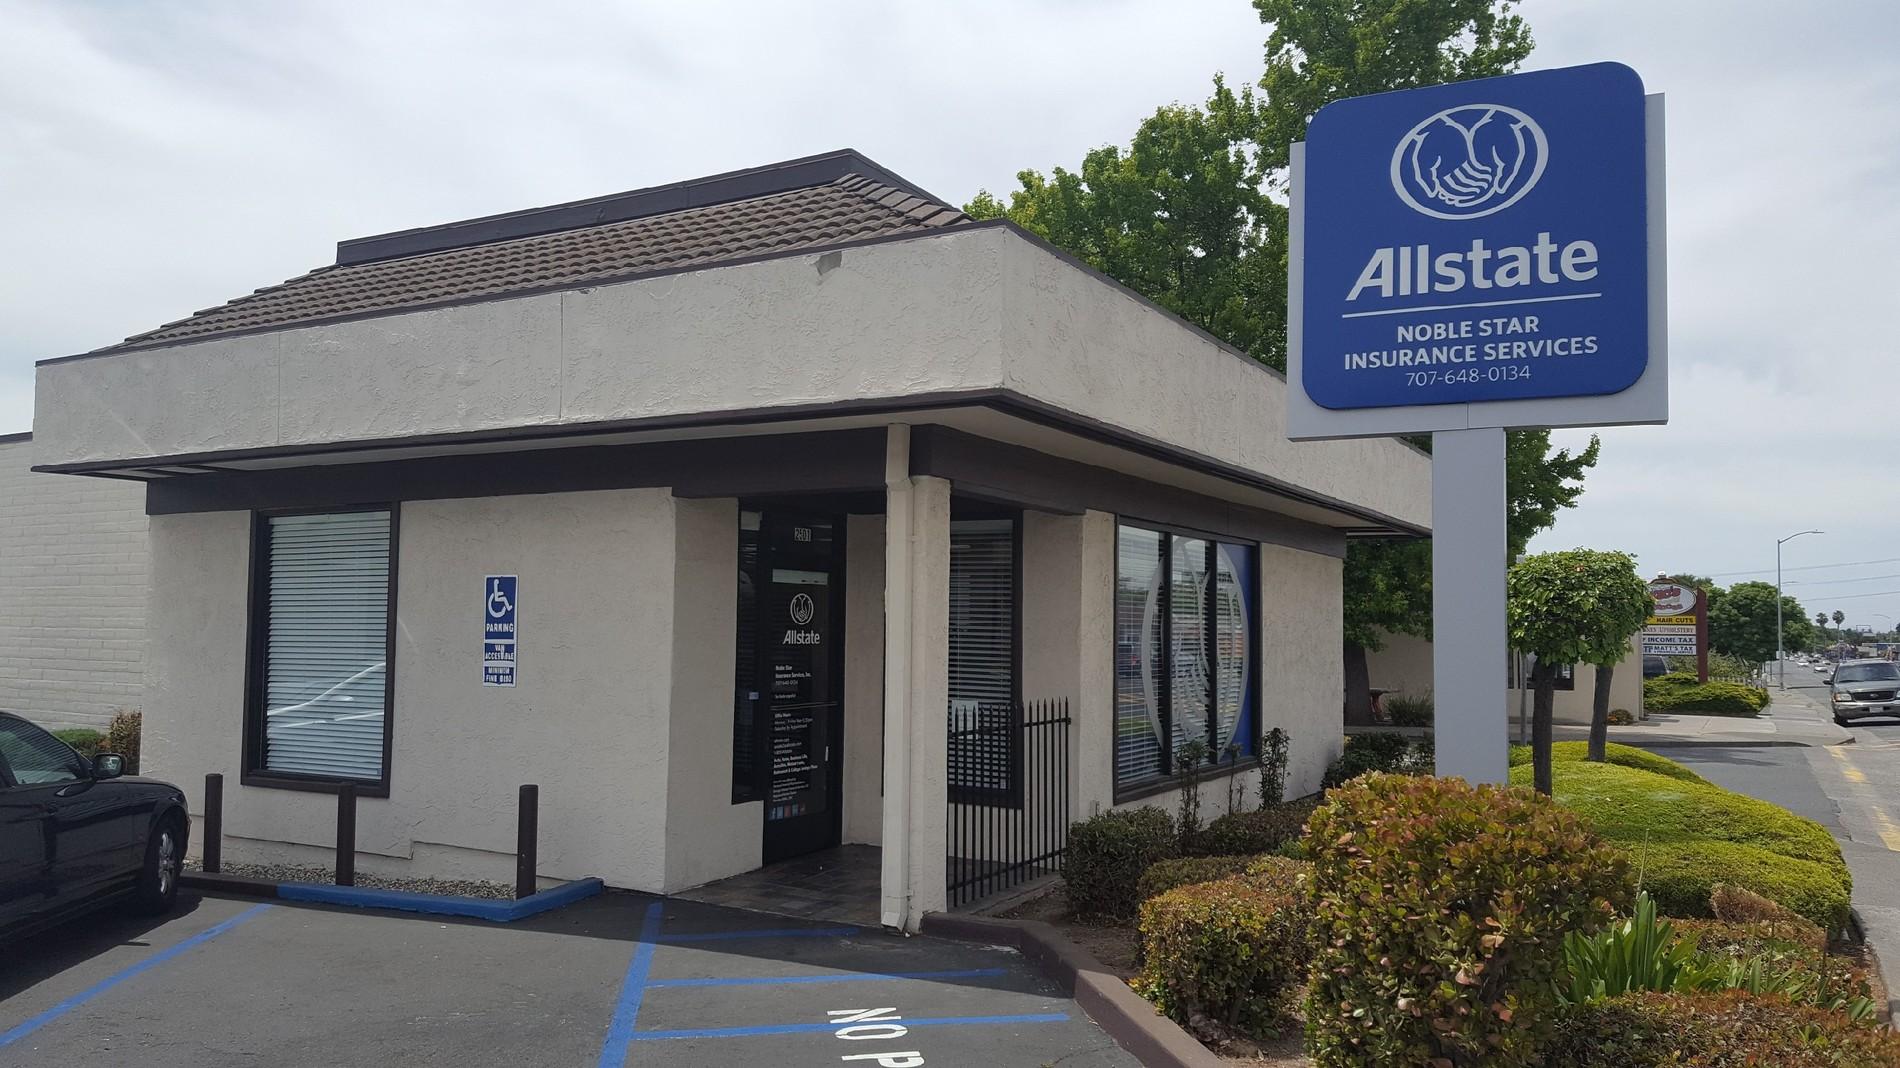 Allstate | Car Insurance in Vallejo, CA - Ayxa Noble